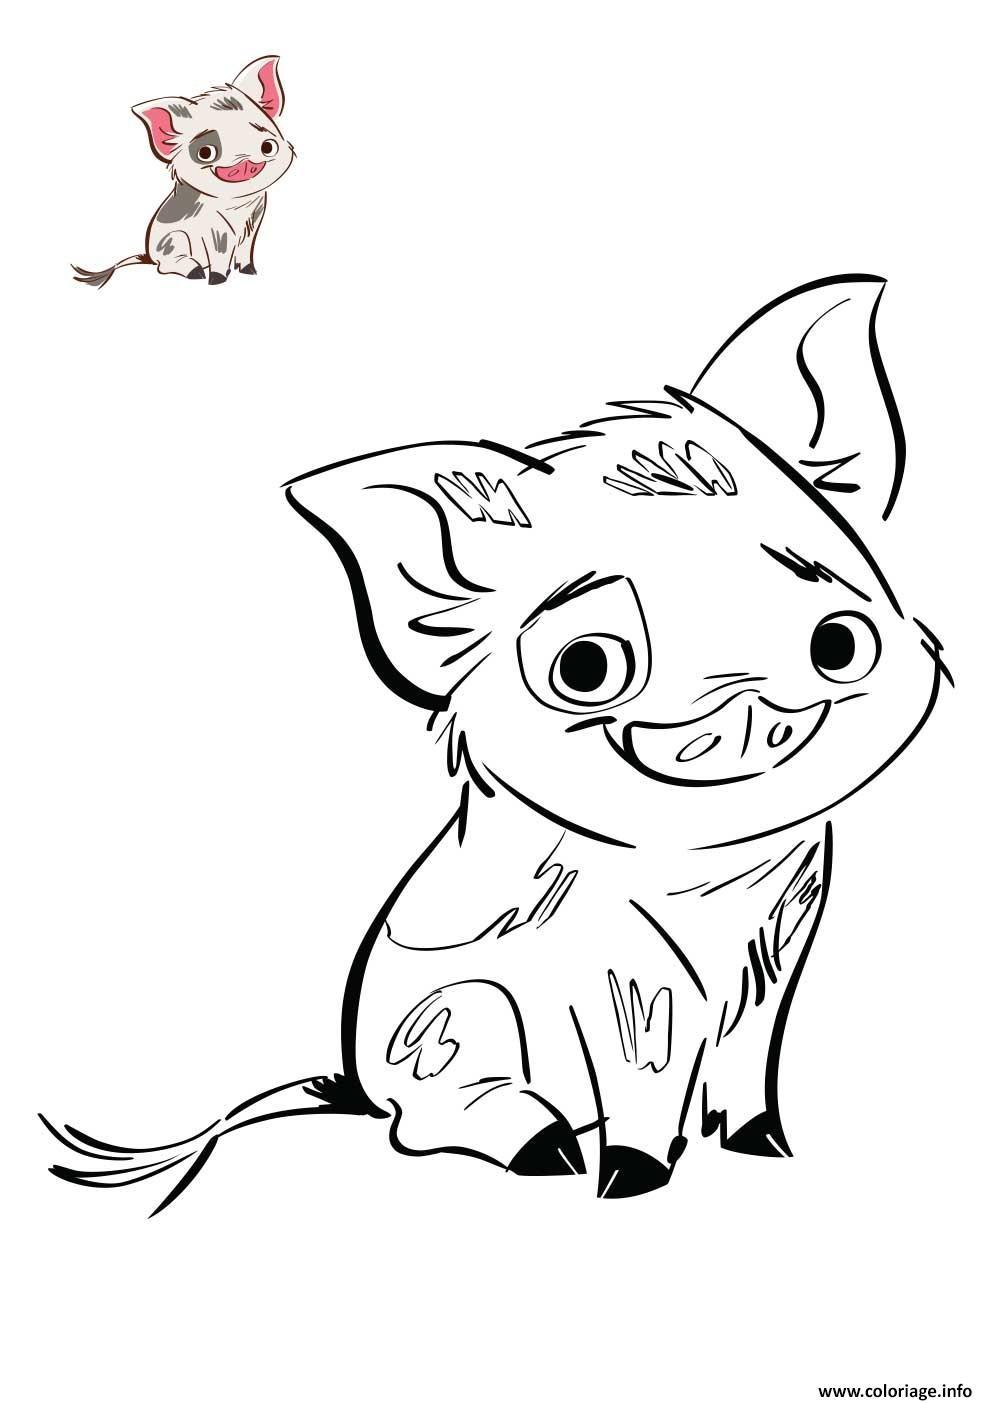 Coloriage Le Petit Cochon De Vaiana Disney Dessin avec Dessin A Colorier Cochon